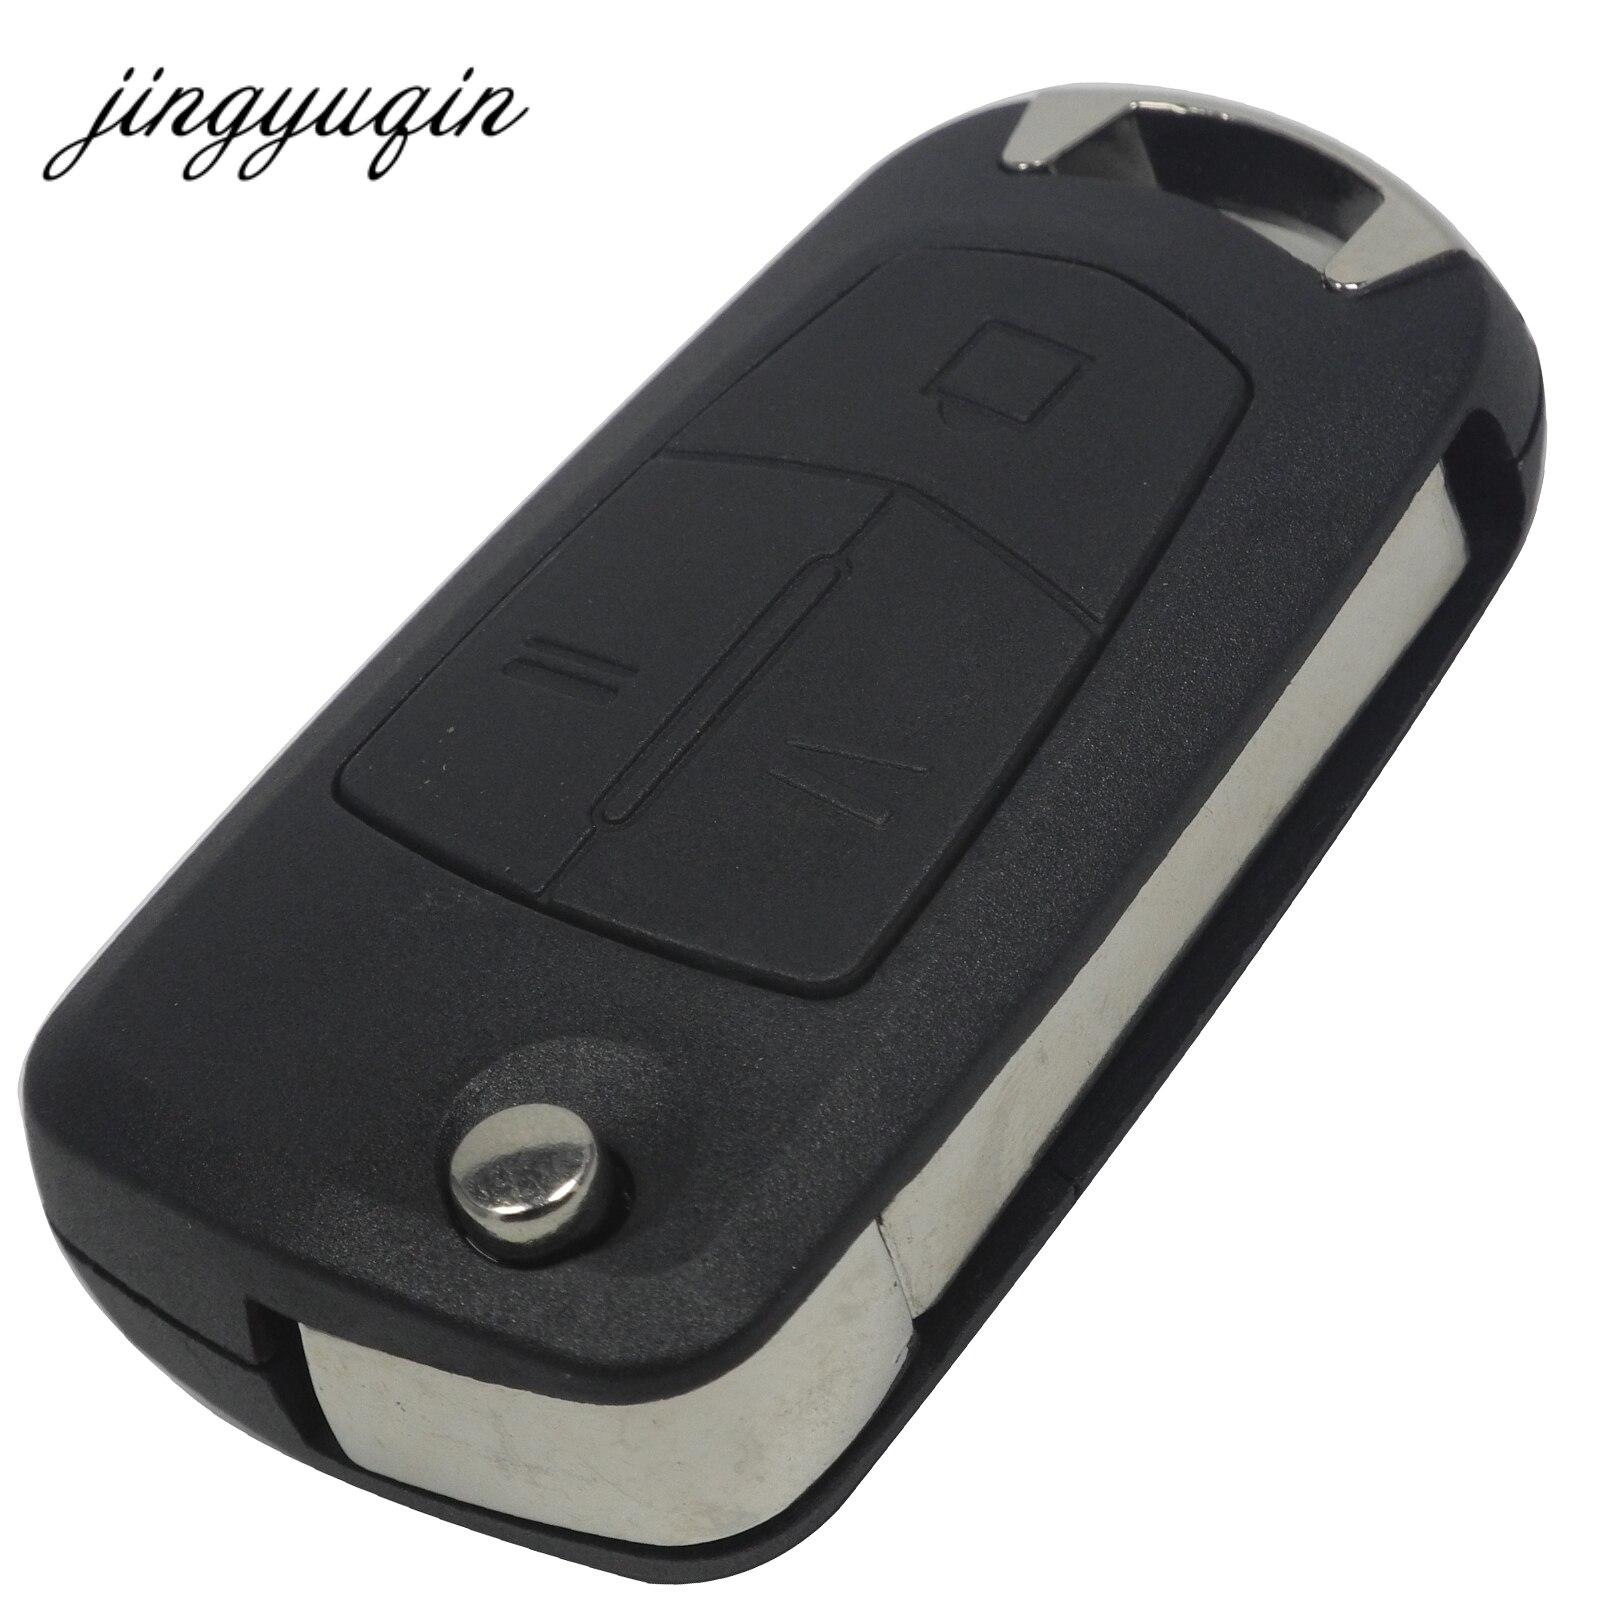 Folding Key Case Car Key Blank for Opel Combo D 2011 onwards